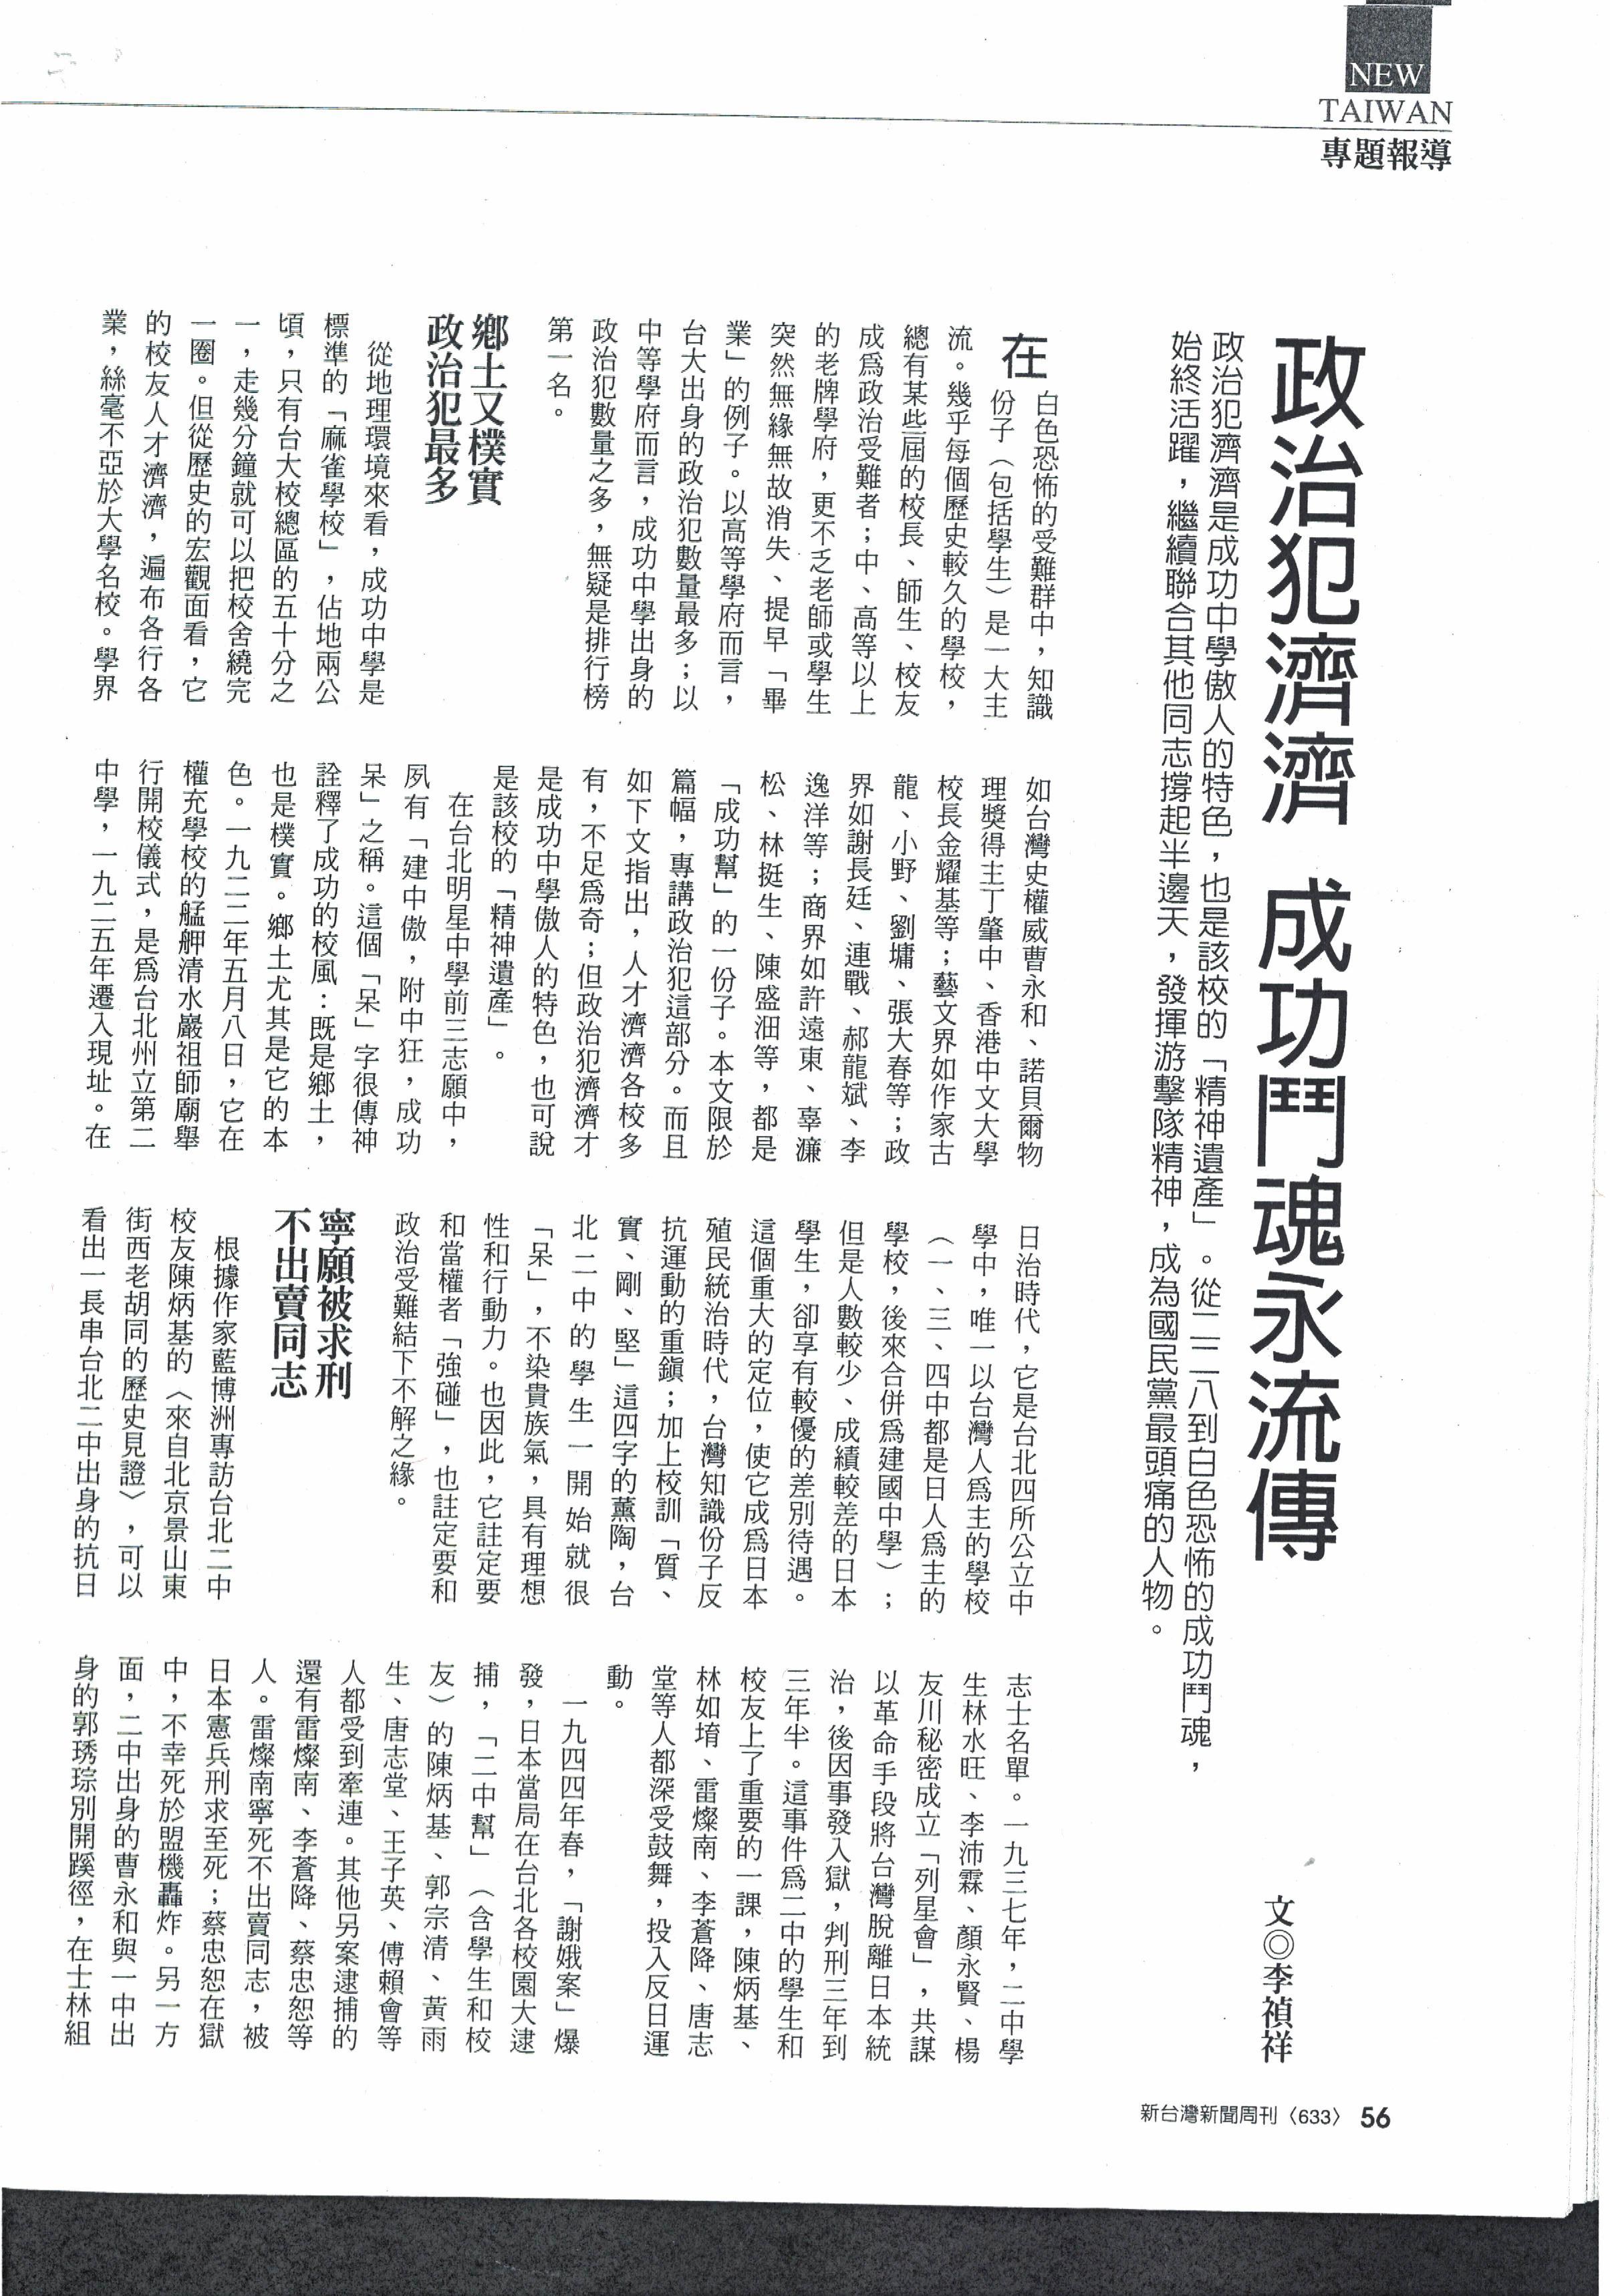 政治犯濟濟 成功鬥魂永流傳page1